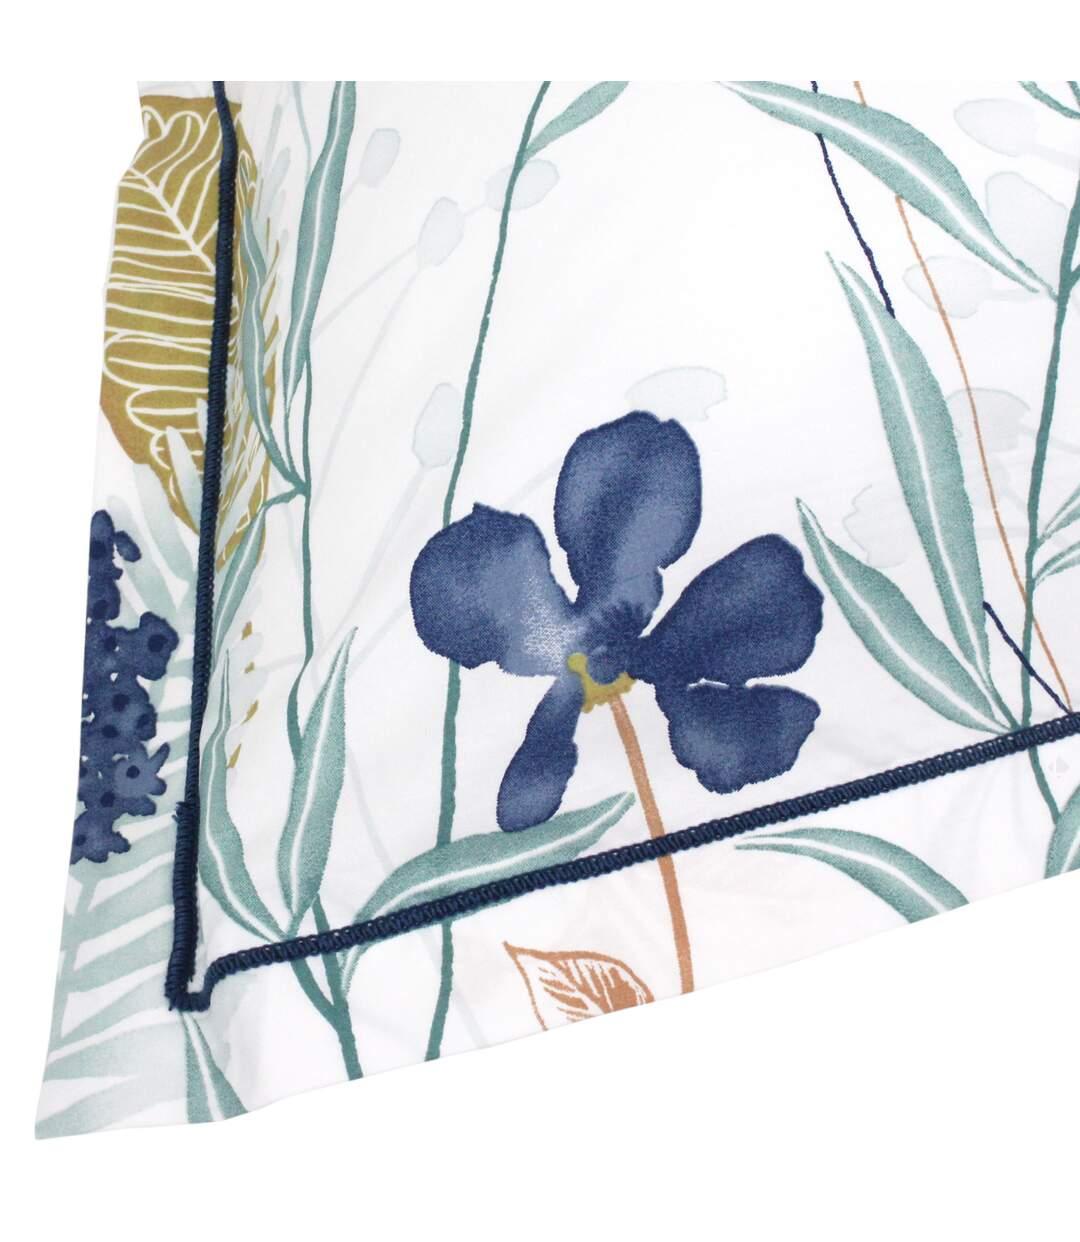 Parure de lit 140x200 cm Percale pur coton PETITE FOLIE Bleu 2 pièces